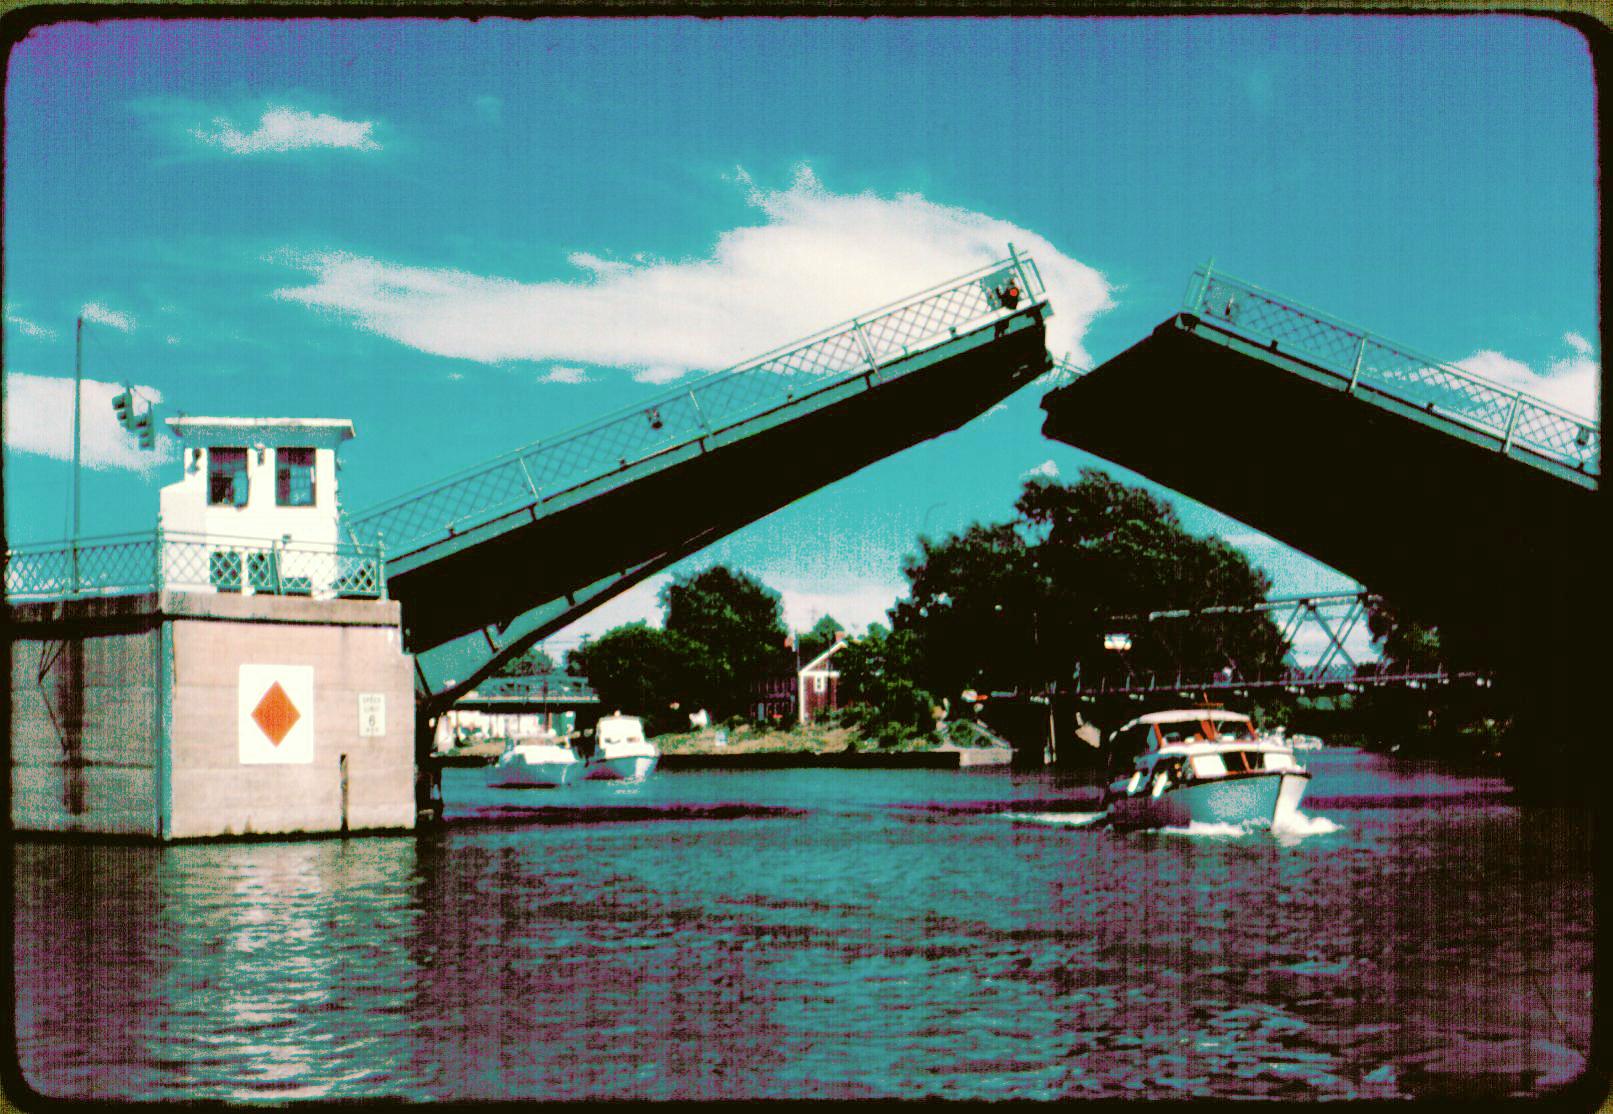 062 2198 Bascule bridge.jpg